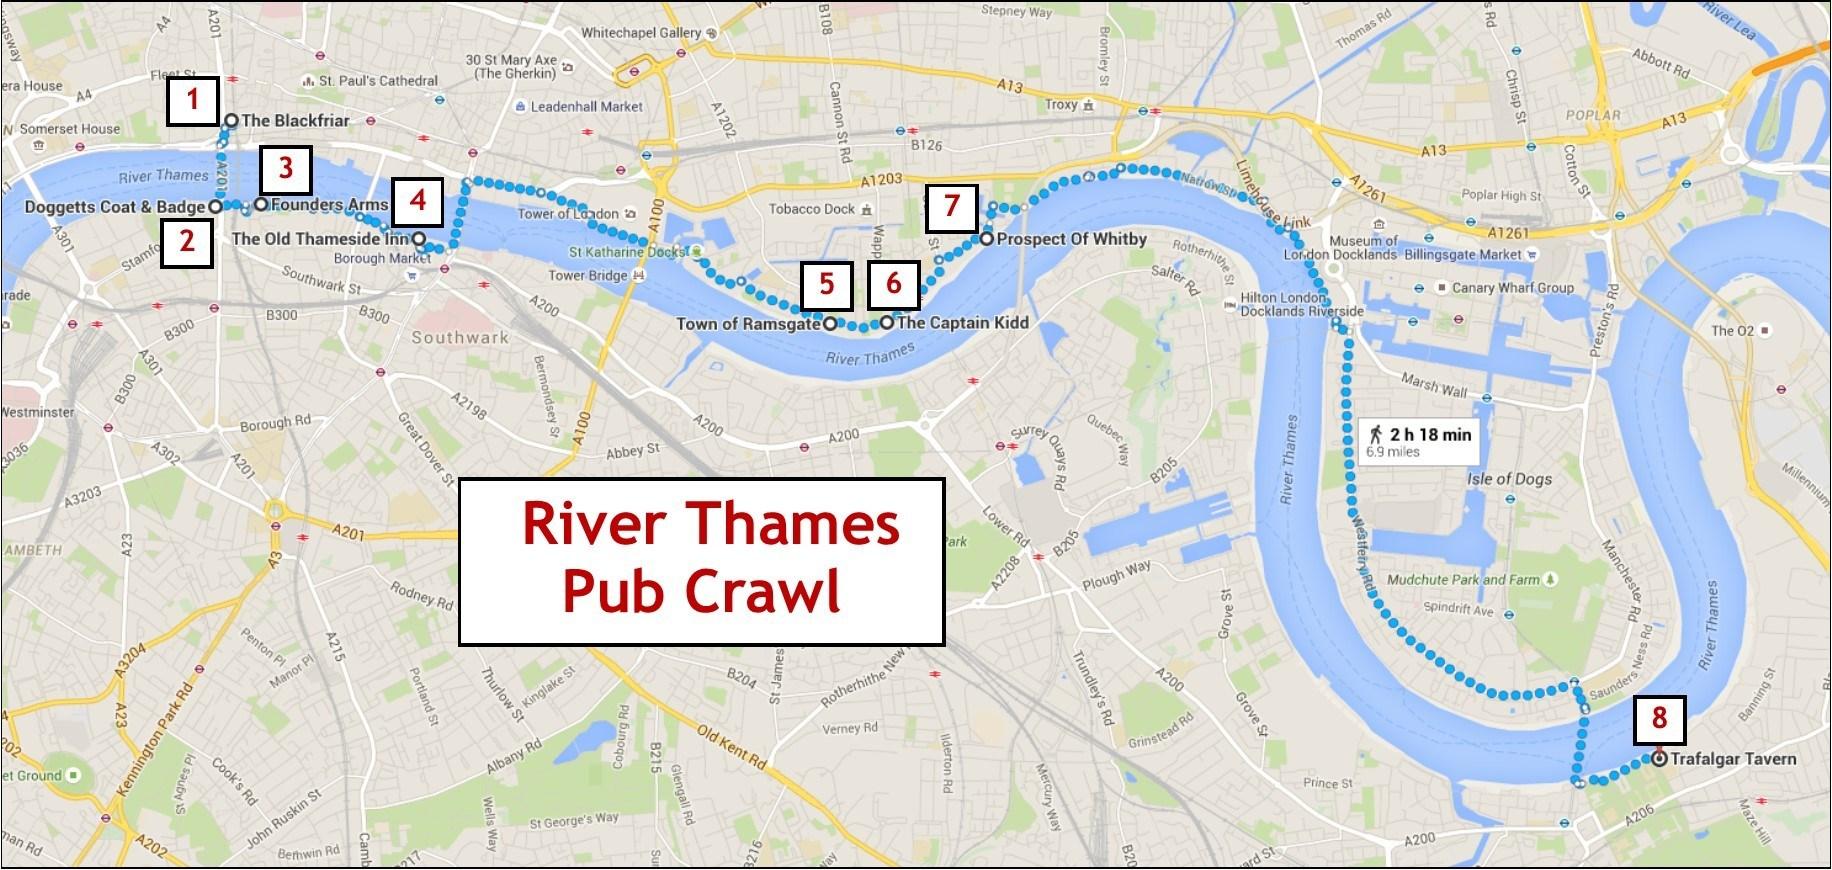 River Thames Pub Crawl  Jetsetting Fools